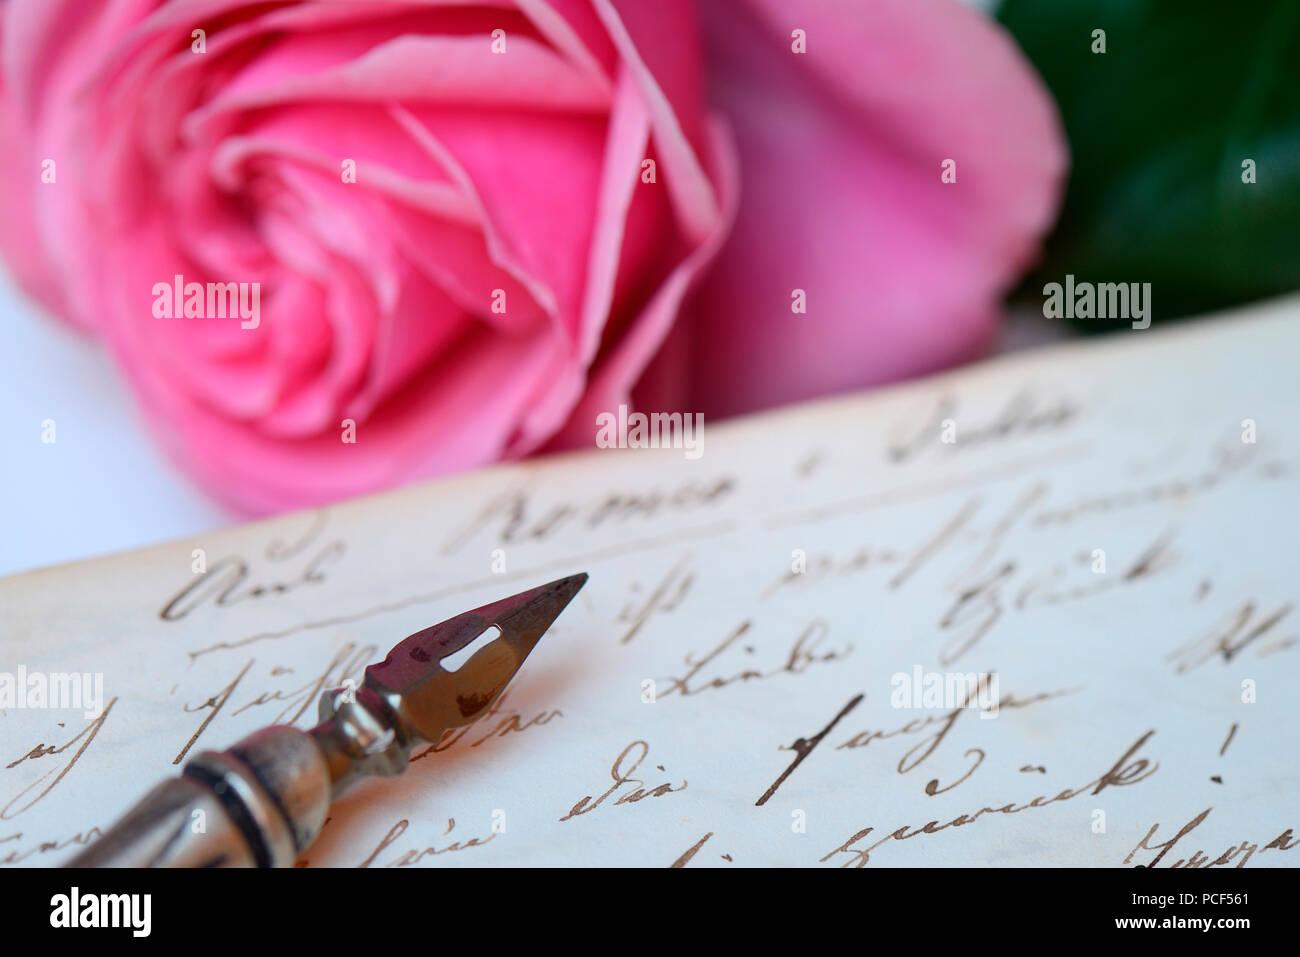 Federhalter mit Schreibfeder auf Buch mit alter Handschrift - Stock Image